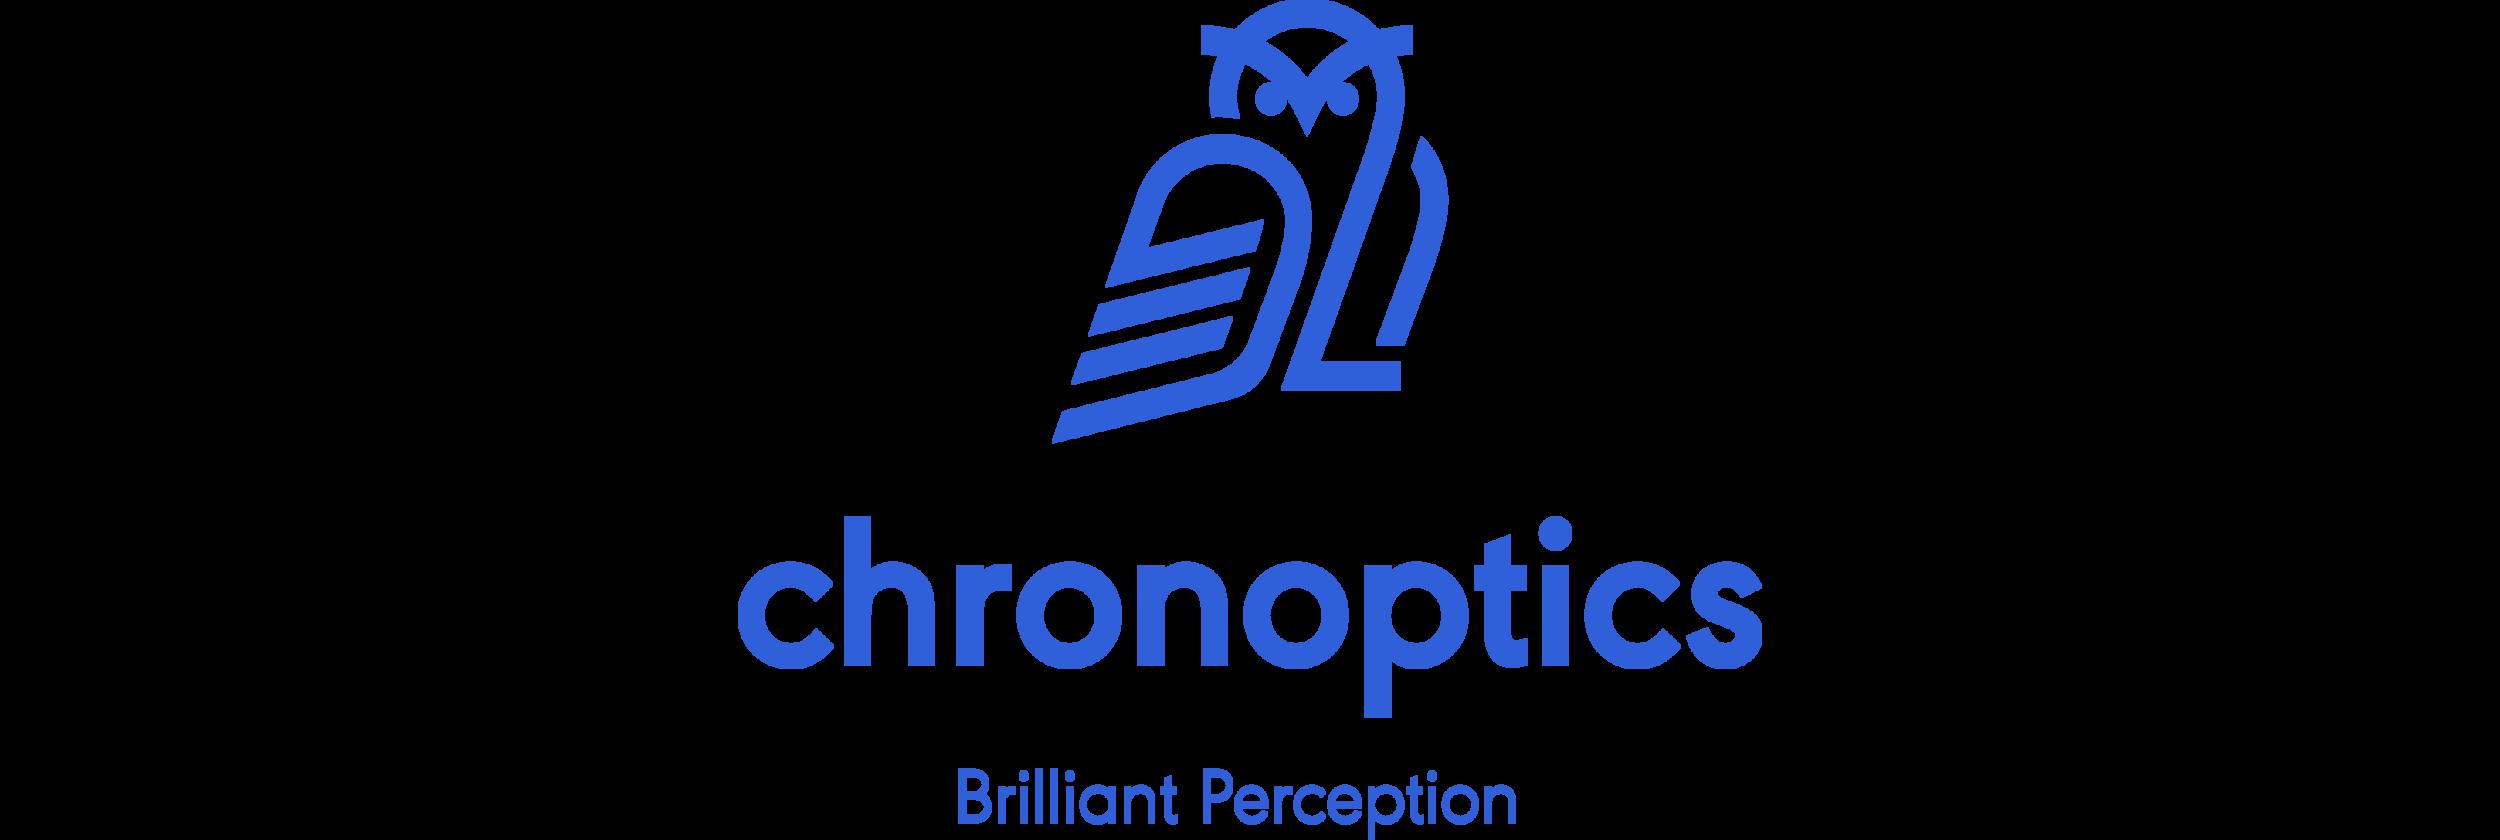 Chronoptics_blue_portrait copy.png